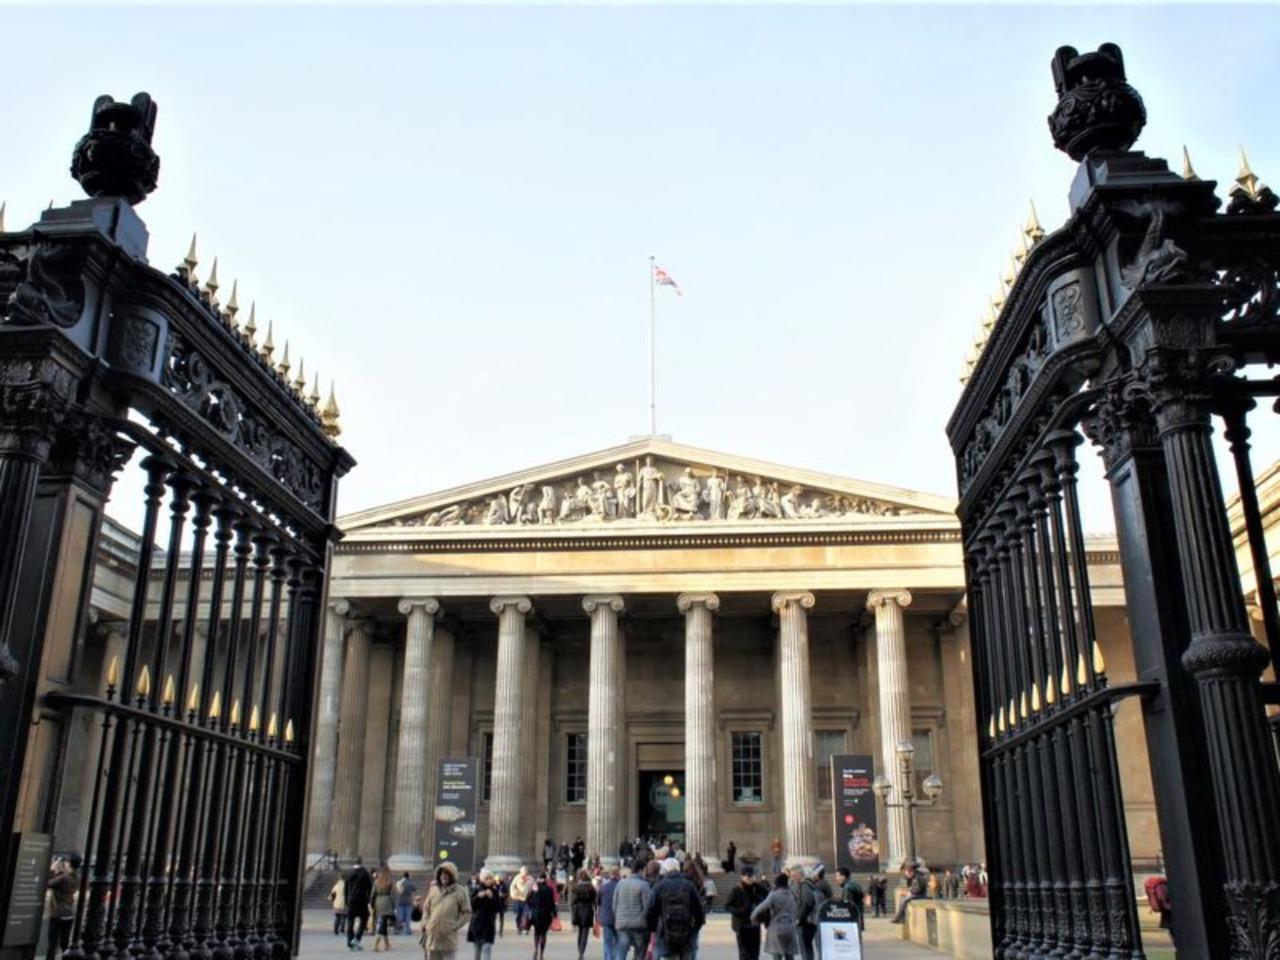 Экскурсия в Британский музей - индивидуальная экскурсия по Лондону от опытного гида